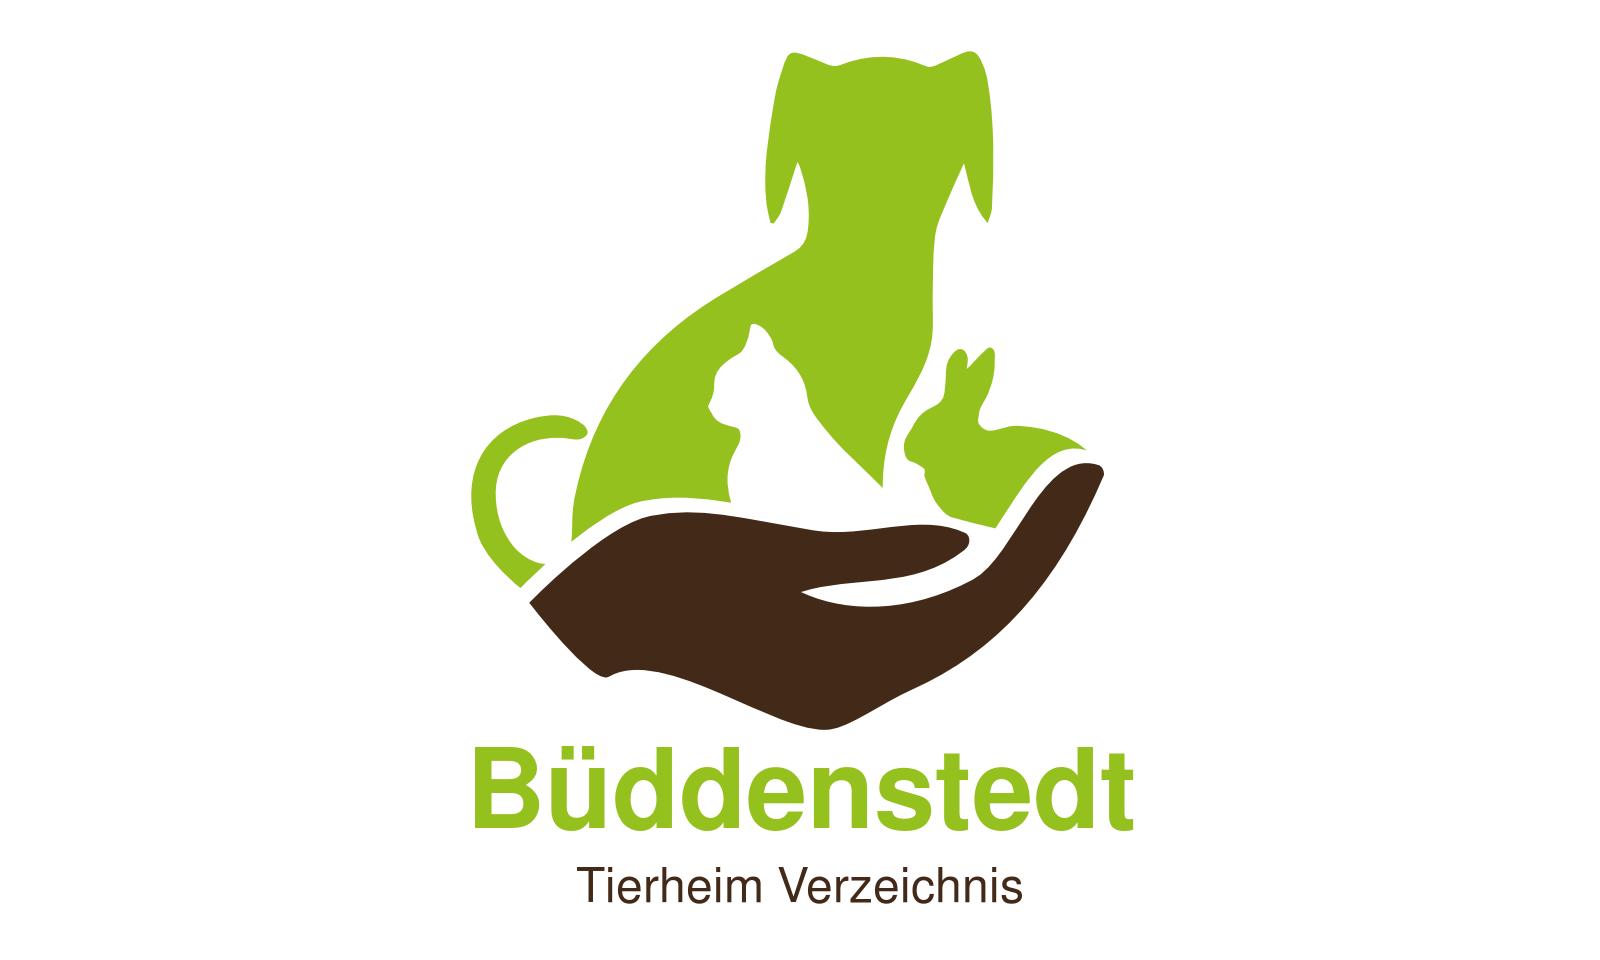 Tierheim Büddenstedt